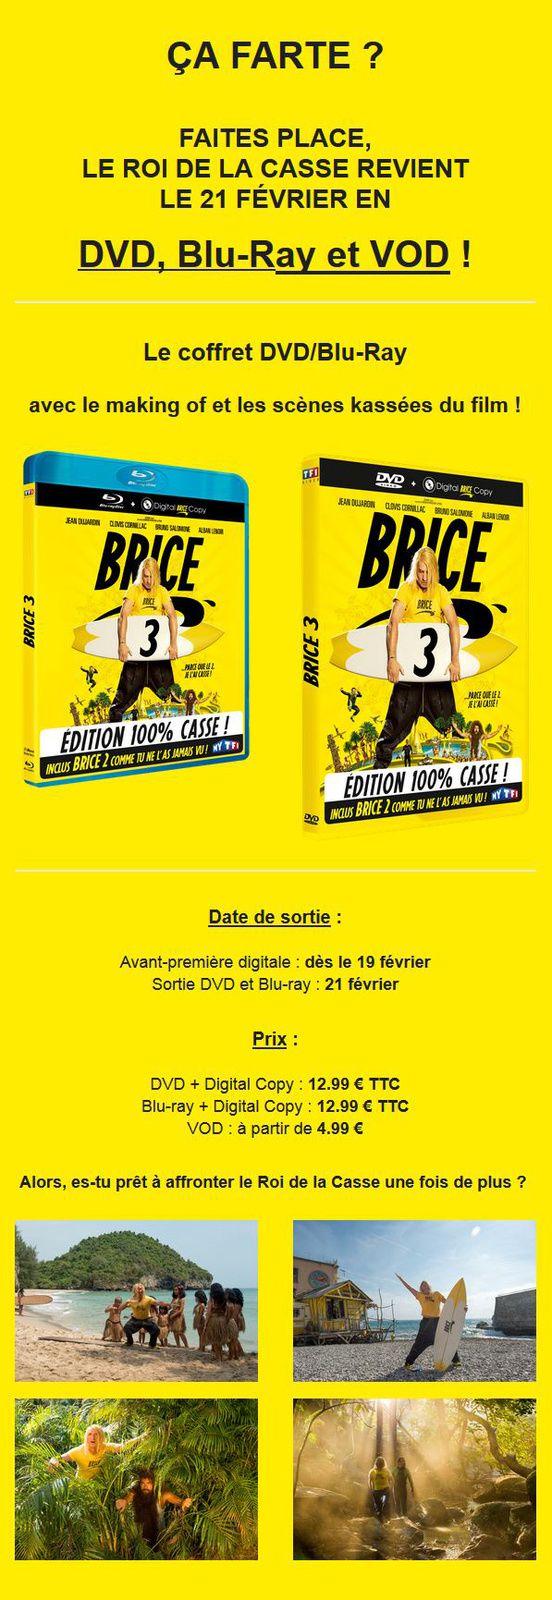 Brice 3 - Le roi de la casse revient en DVD, BLU-RAY et VOD le 21 février 2017 !